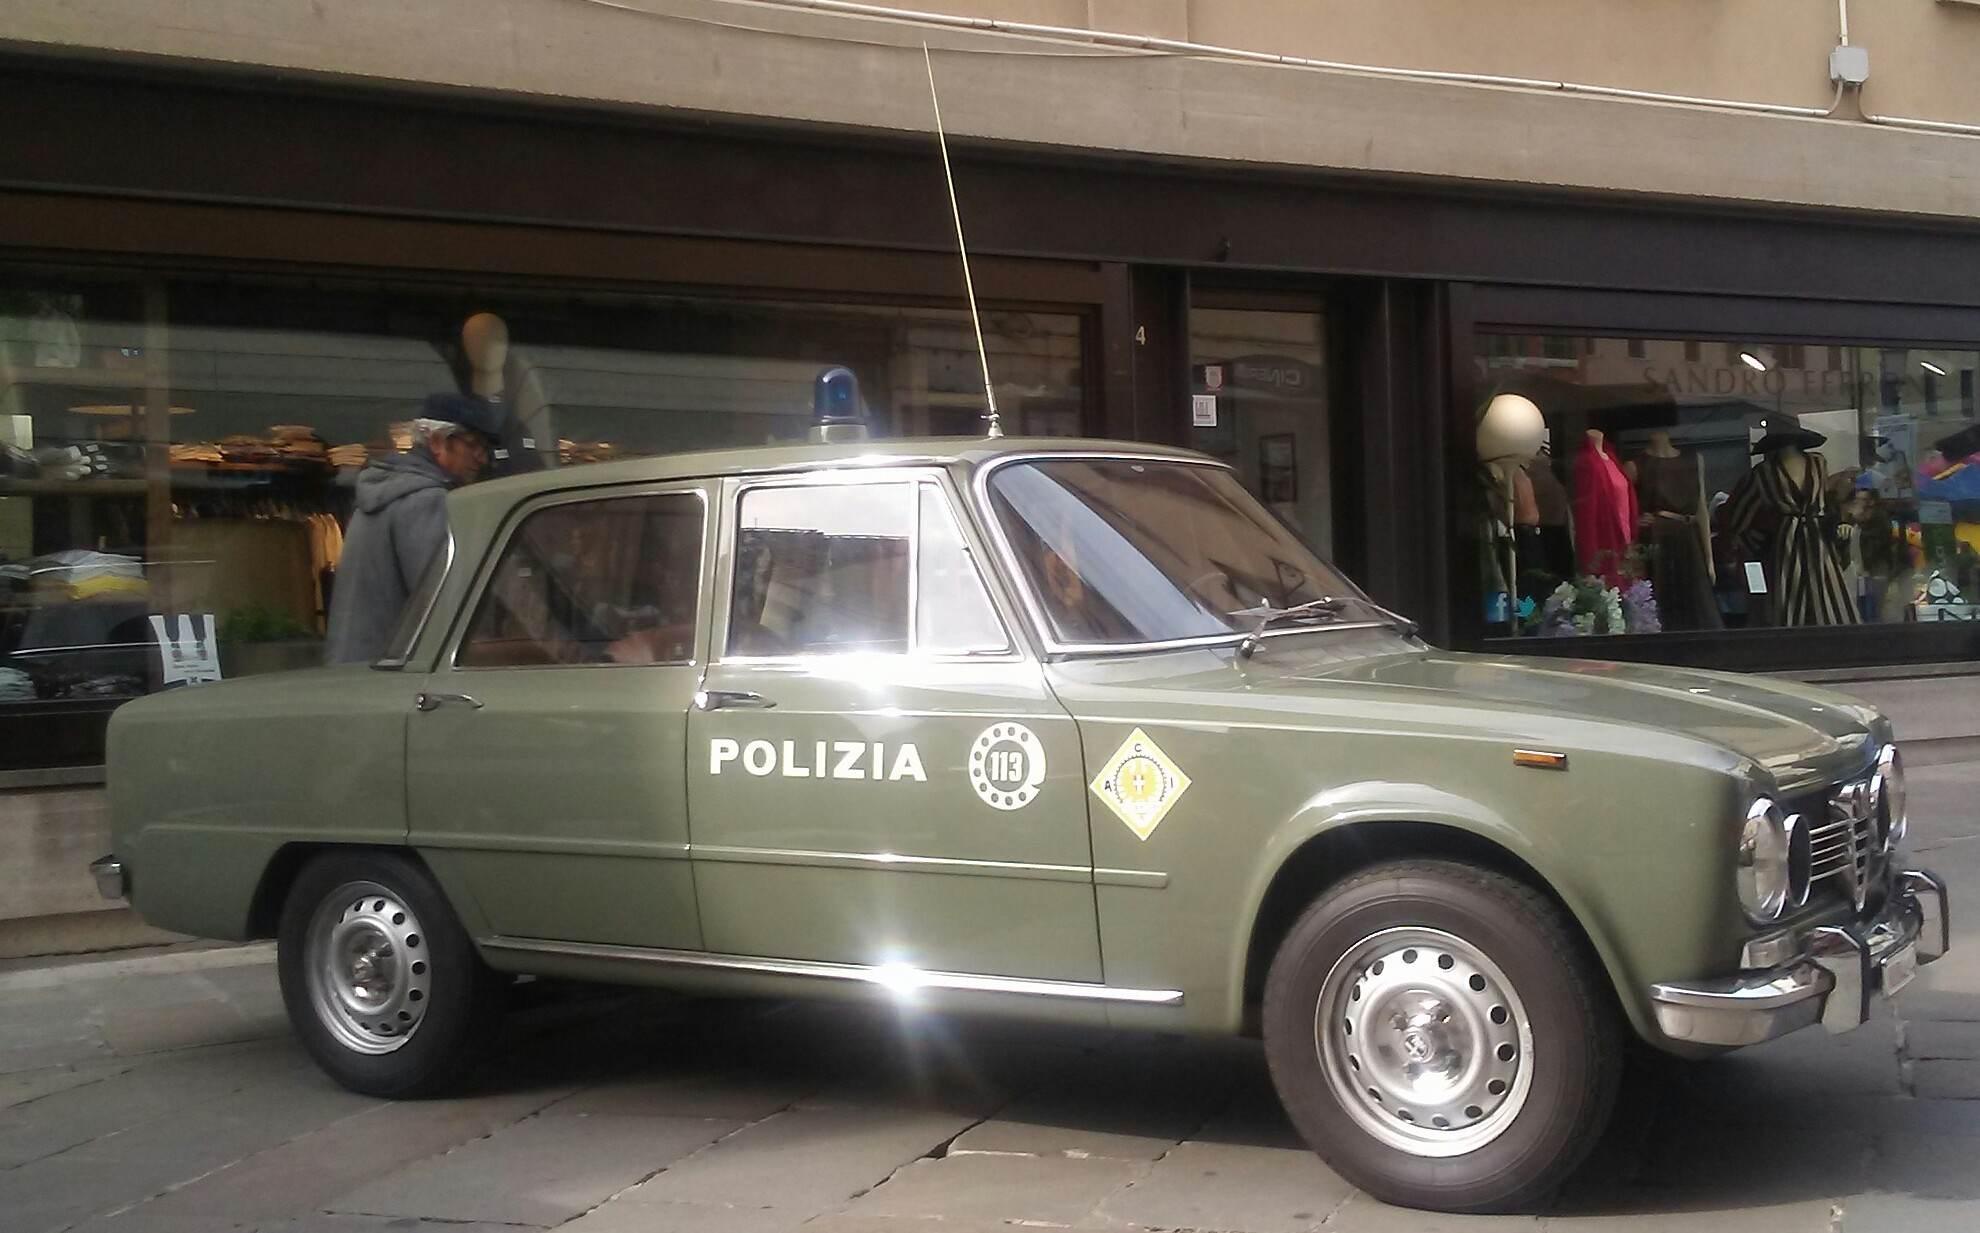 foto Livrea Polizia - 1